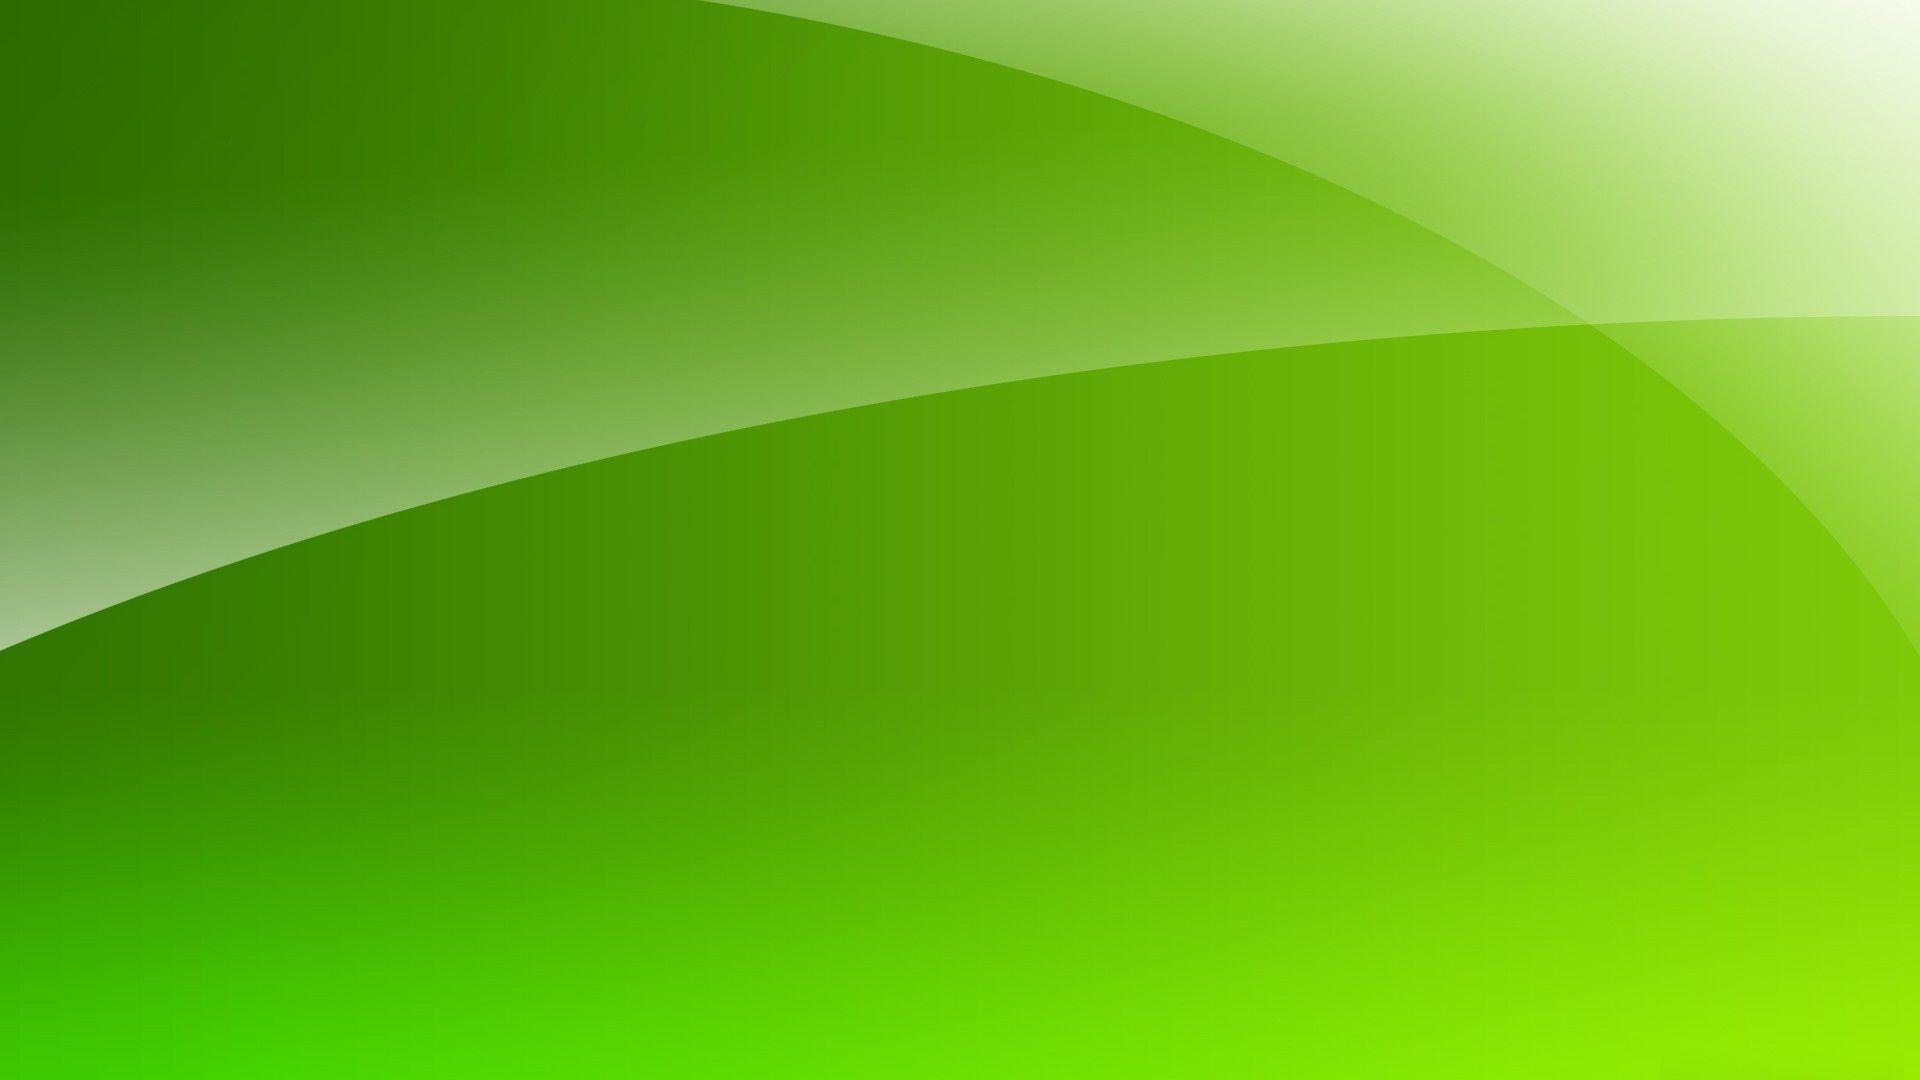 Lime Green Wallpaper For Desktop Best Wallpaper Hd Lime Green Wallpaper Green Wallpaper Wallpaper Wa Green colour wallpaper hd download